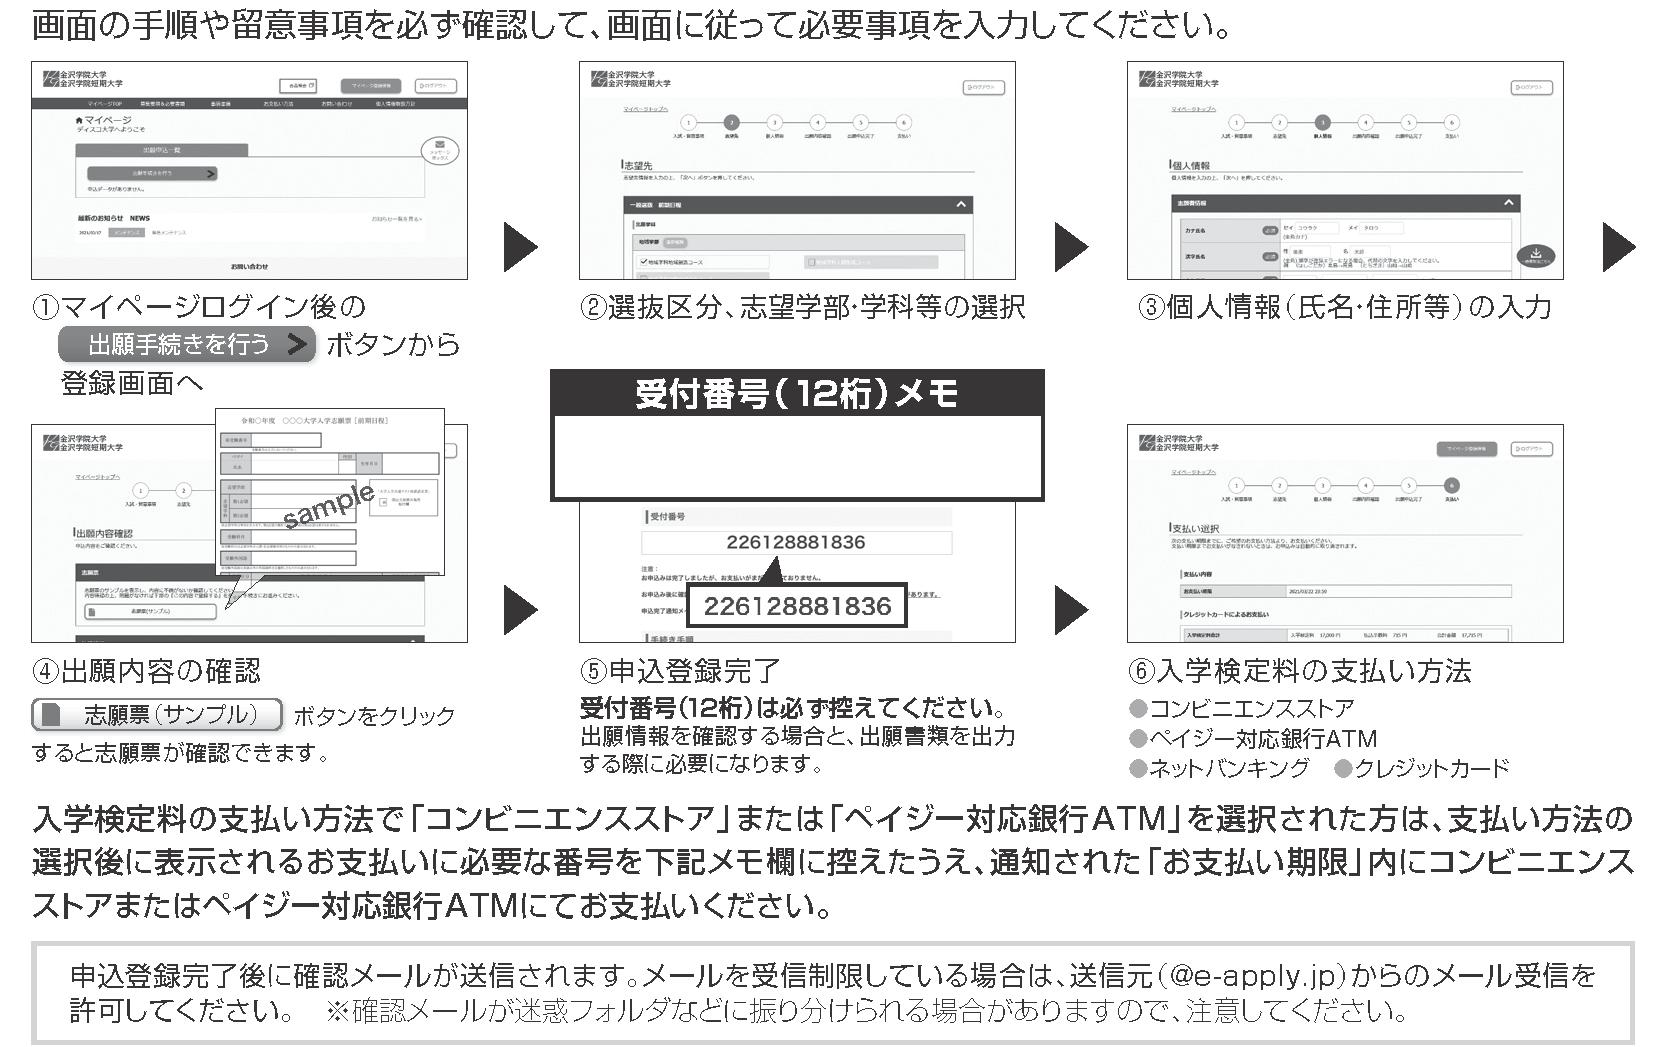 出願内容の登録